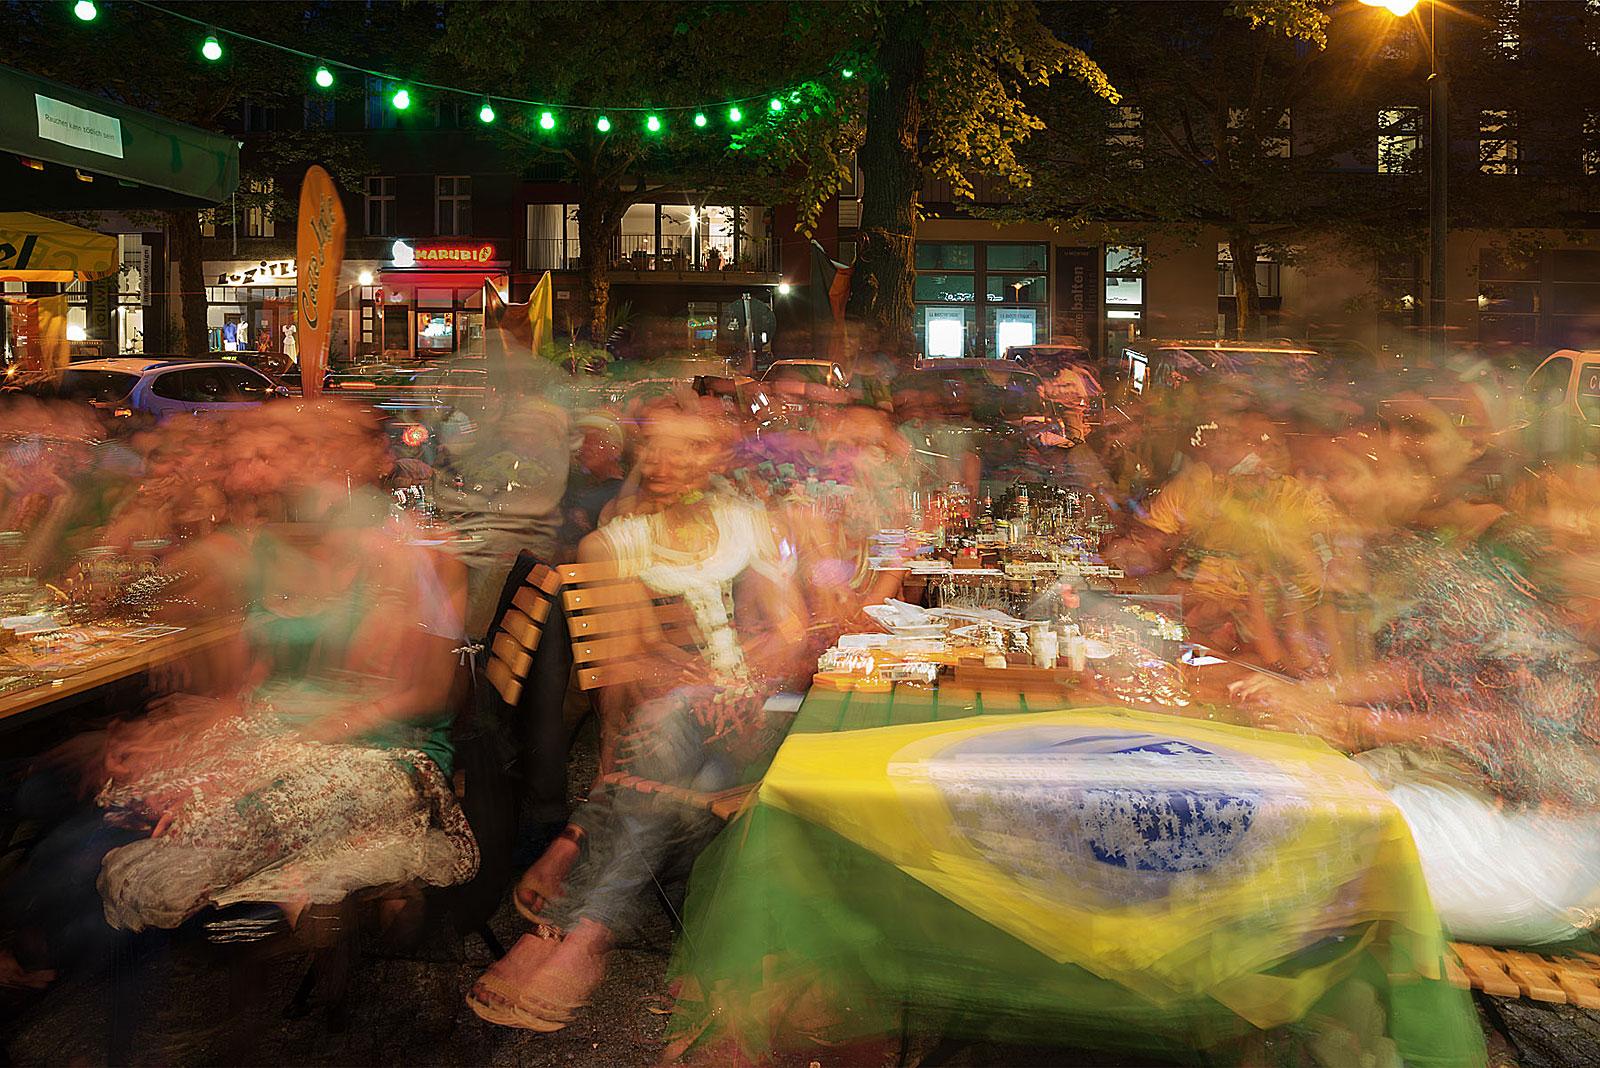 Brasilien - Kolumbien 2:1, Na Brasa (22.00 - 23.55 Uhr, 4.7.2014)